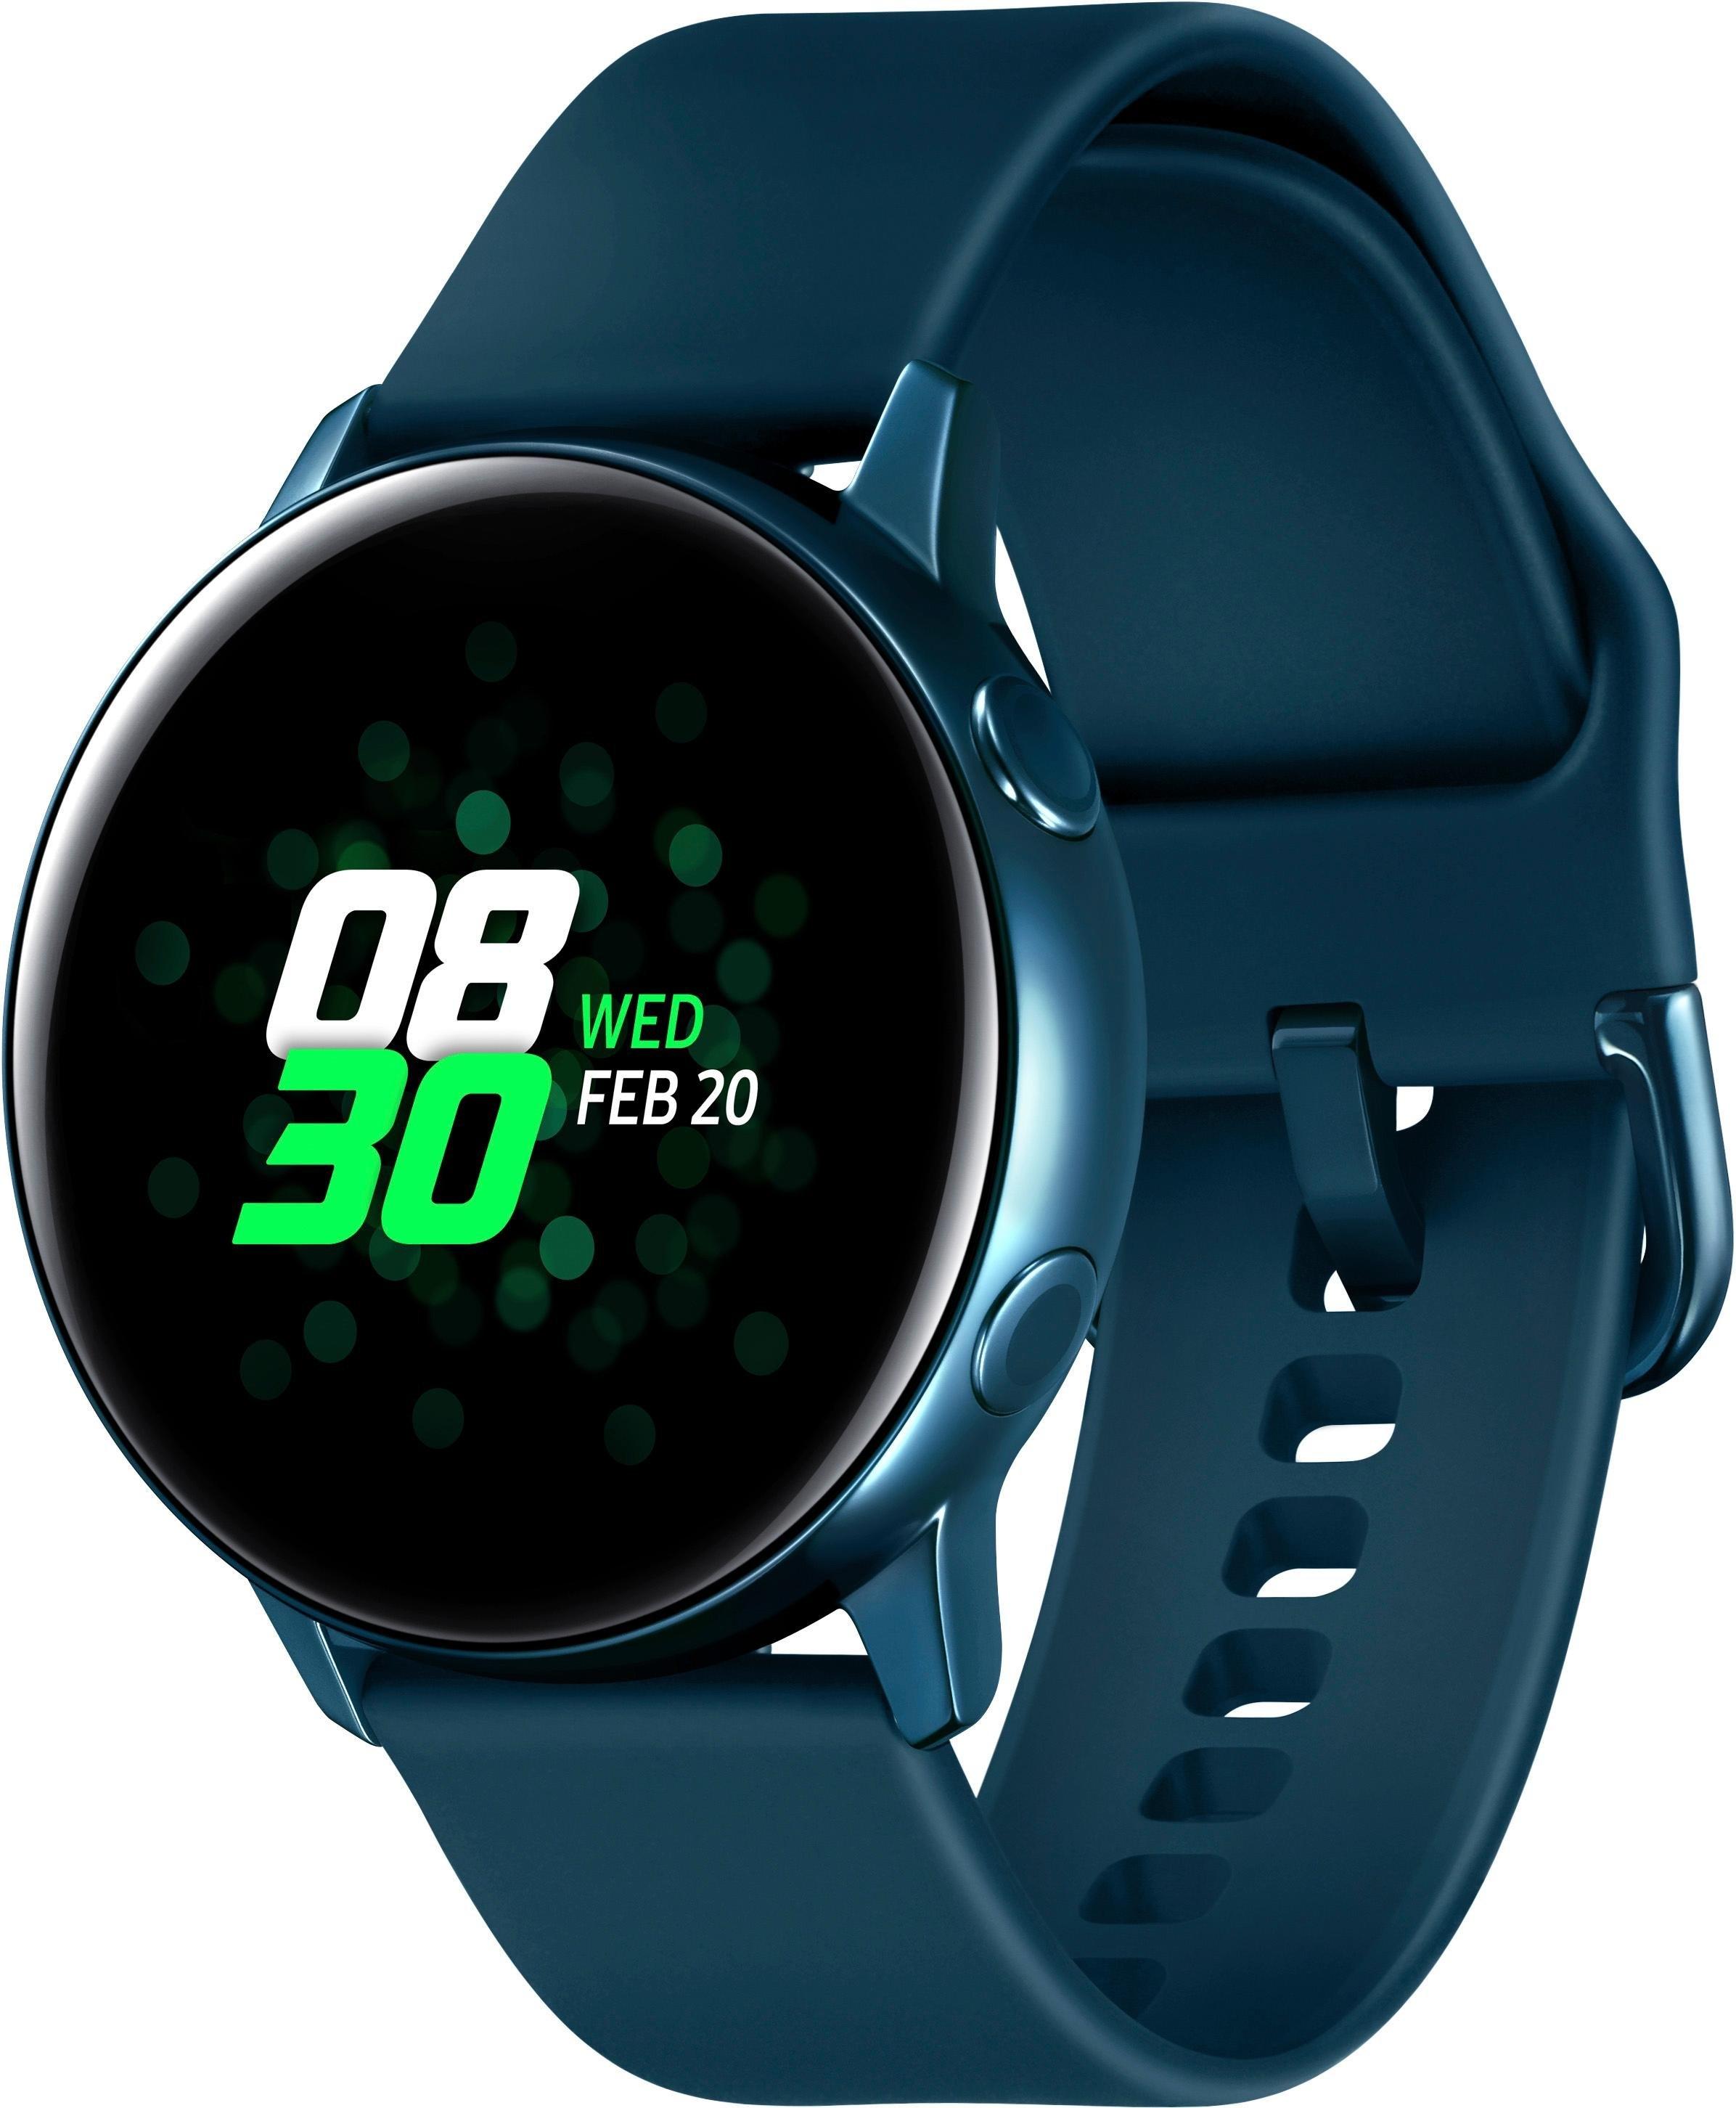 Op zoek naar een SAMSUNG Galaxy Active SM-R500 watch (2,8 cm / 1,1 inch, Tizen OS)? Koop online bij OTTO